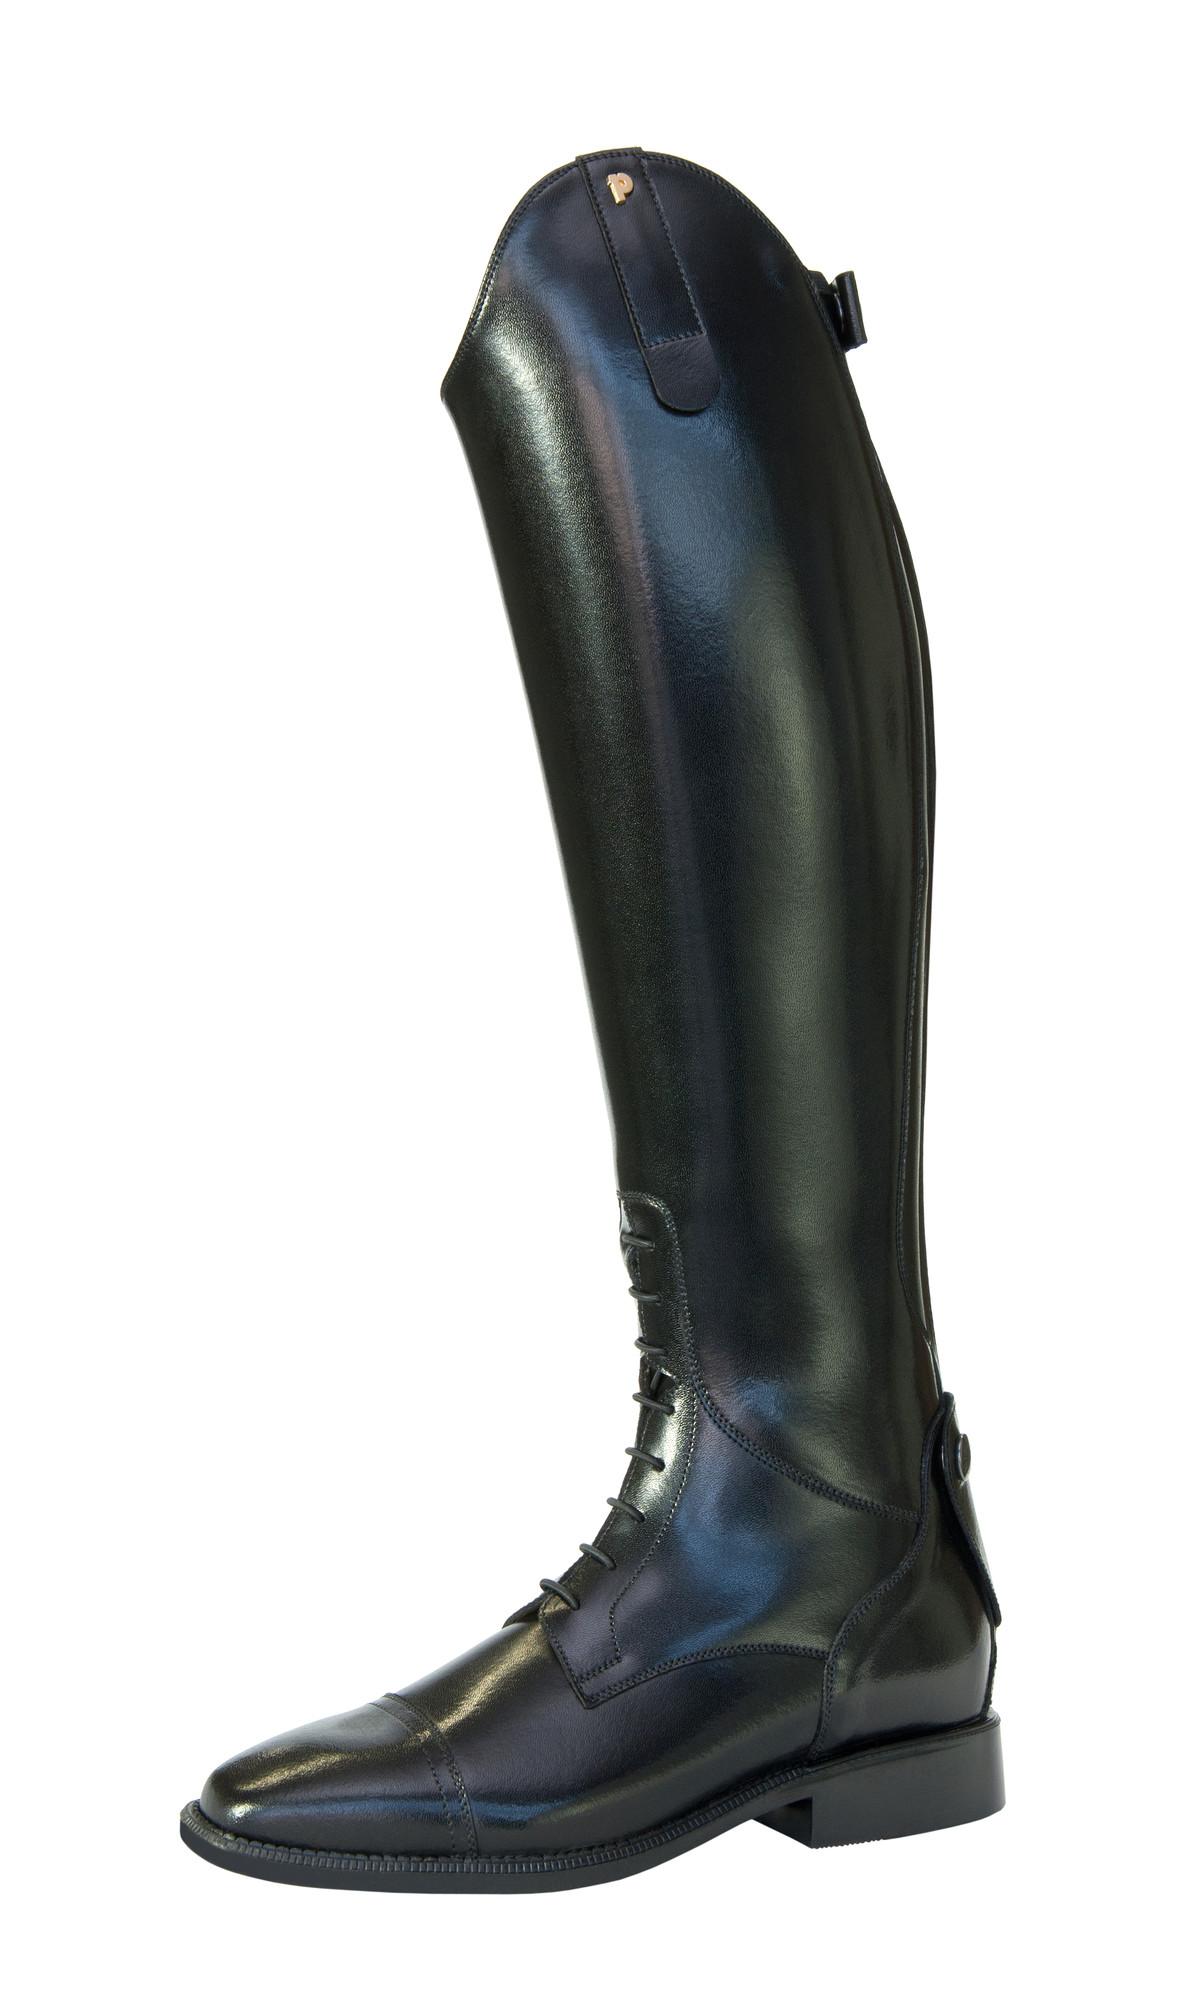 Petrie Melbourne rijlaars zwart maat:7 n